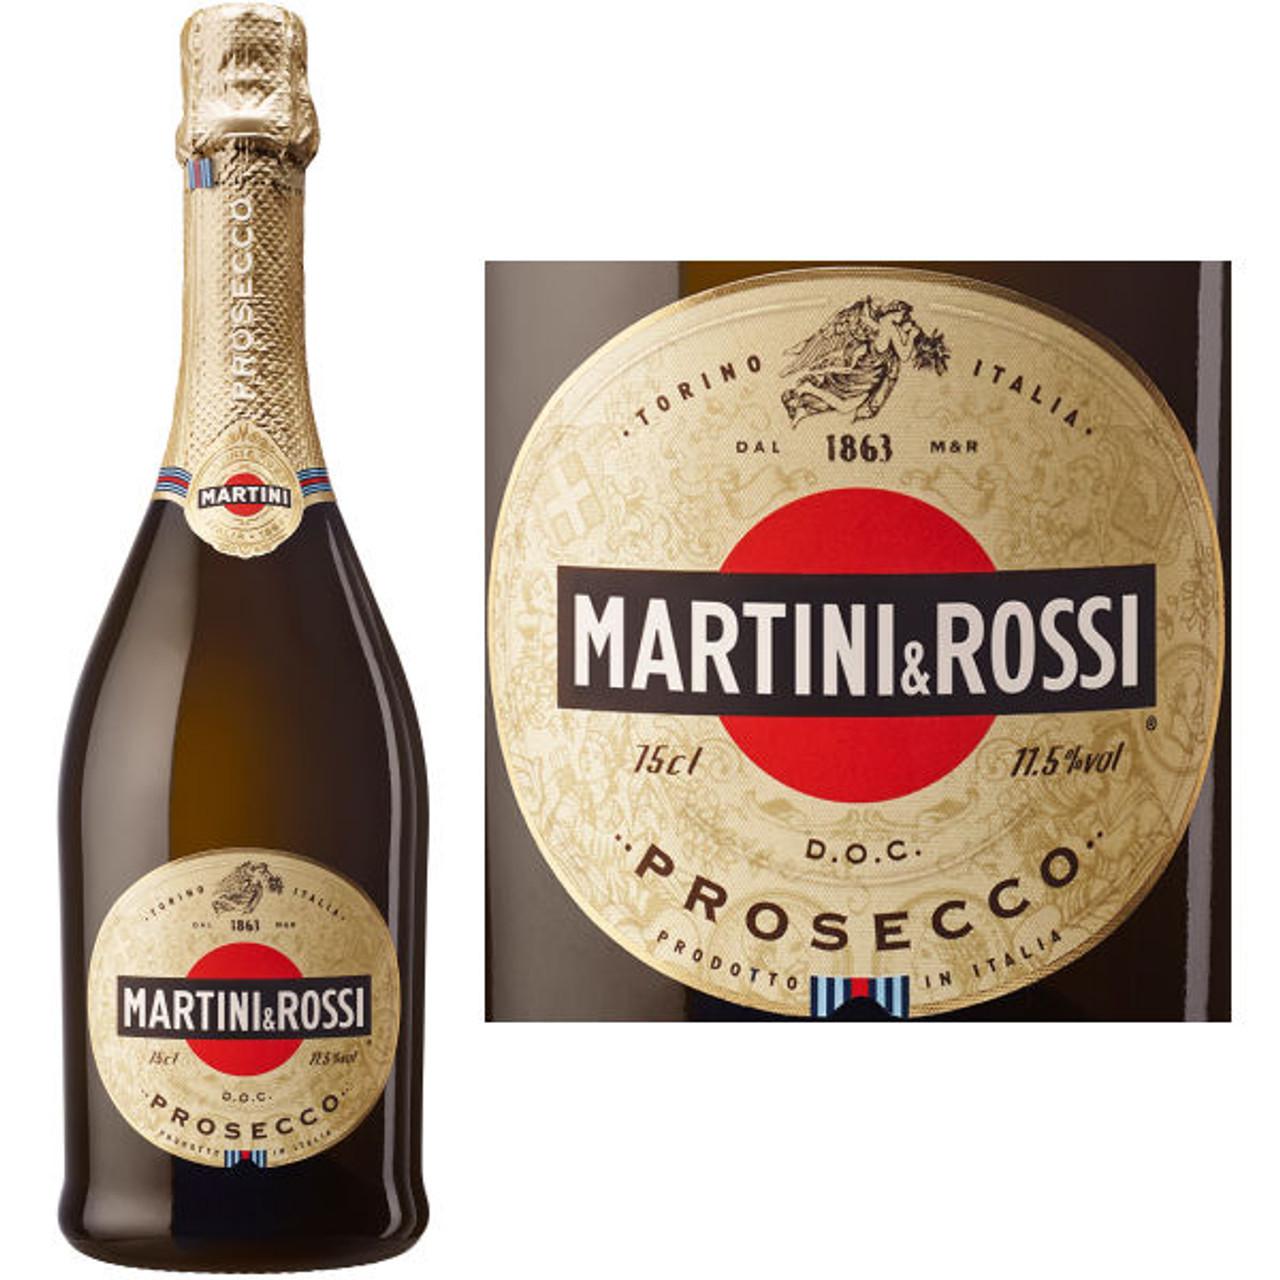 Martini & Rossi Prosecco DOC NV